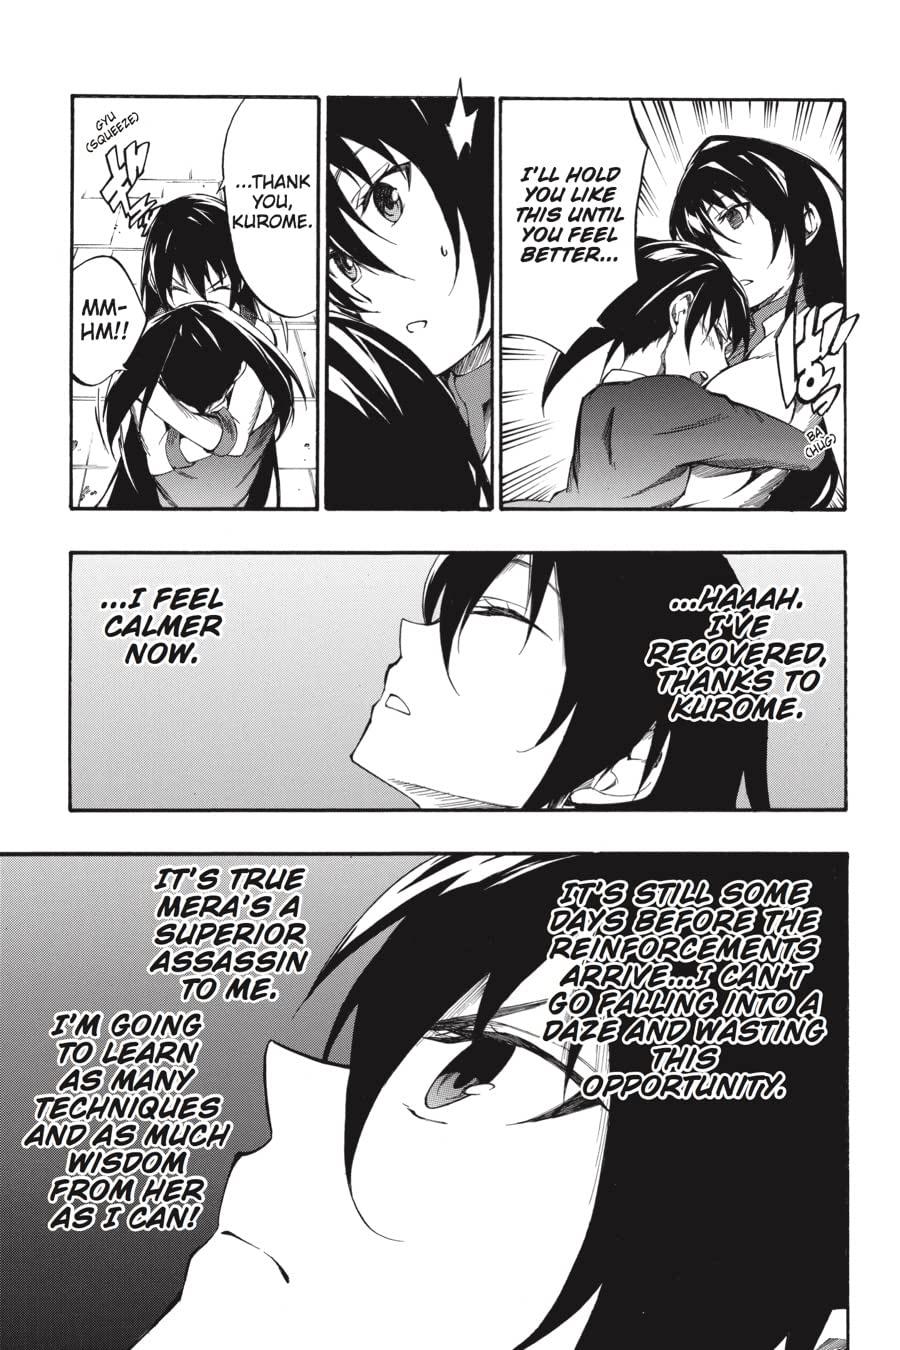 Manga kill sex Akame ga